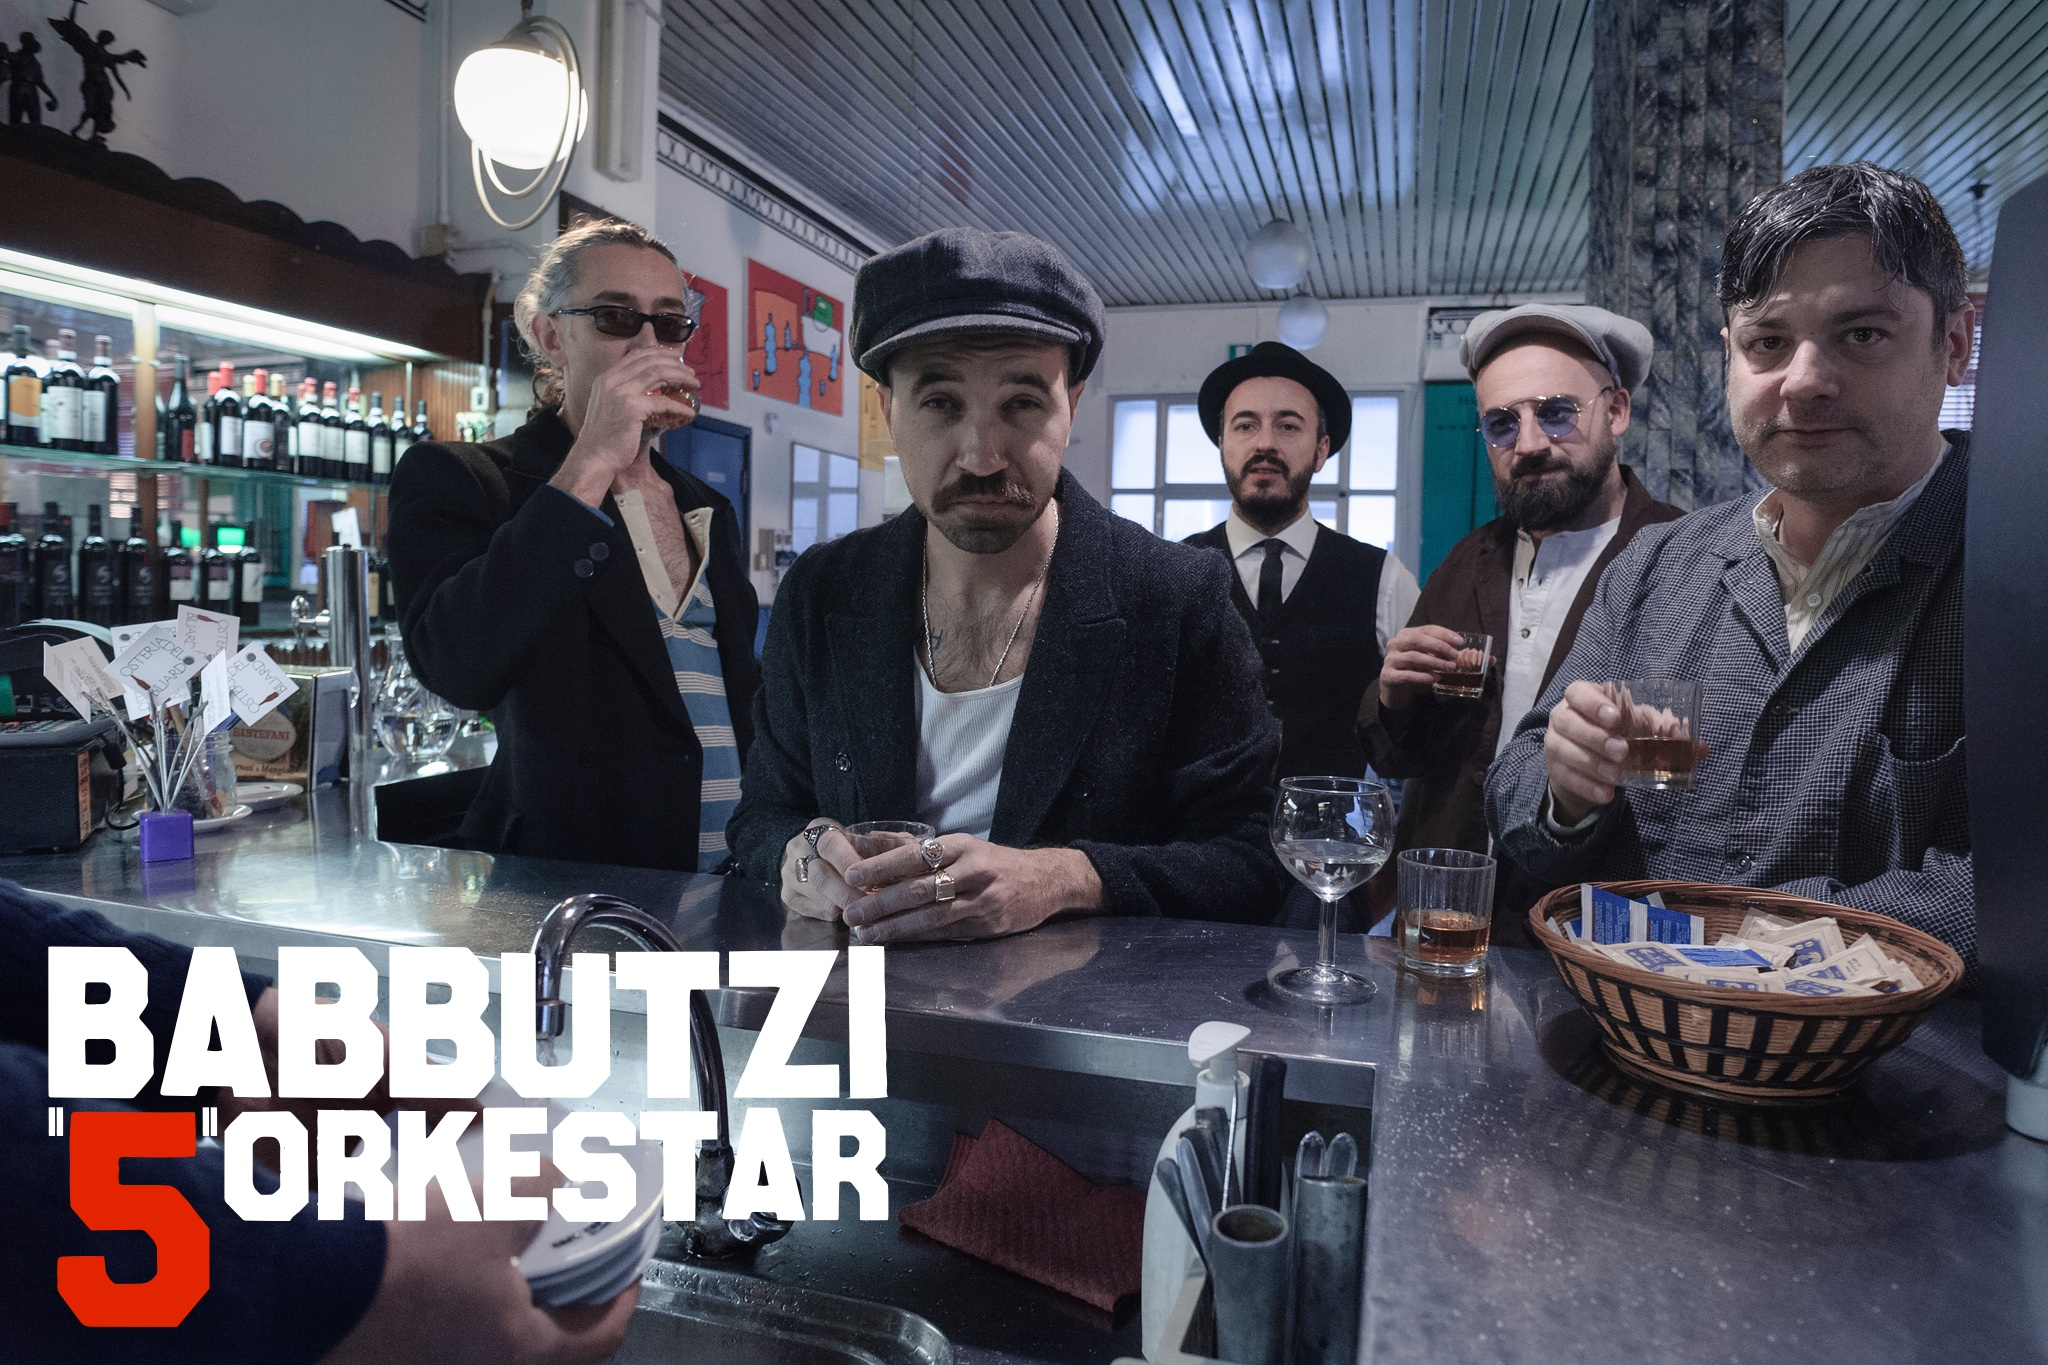 BABBUZI ORKESTAR - am 07.07.2018 live zum Bestival 2018 - im Kunsthaus Eigenregie